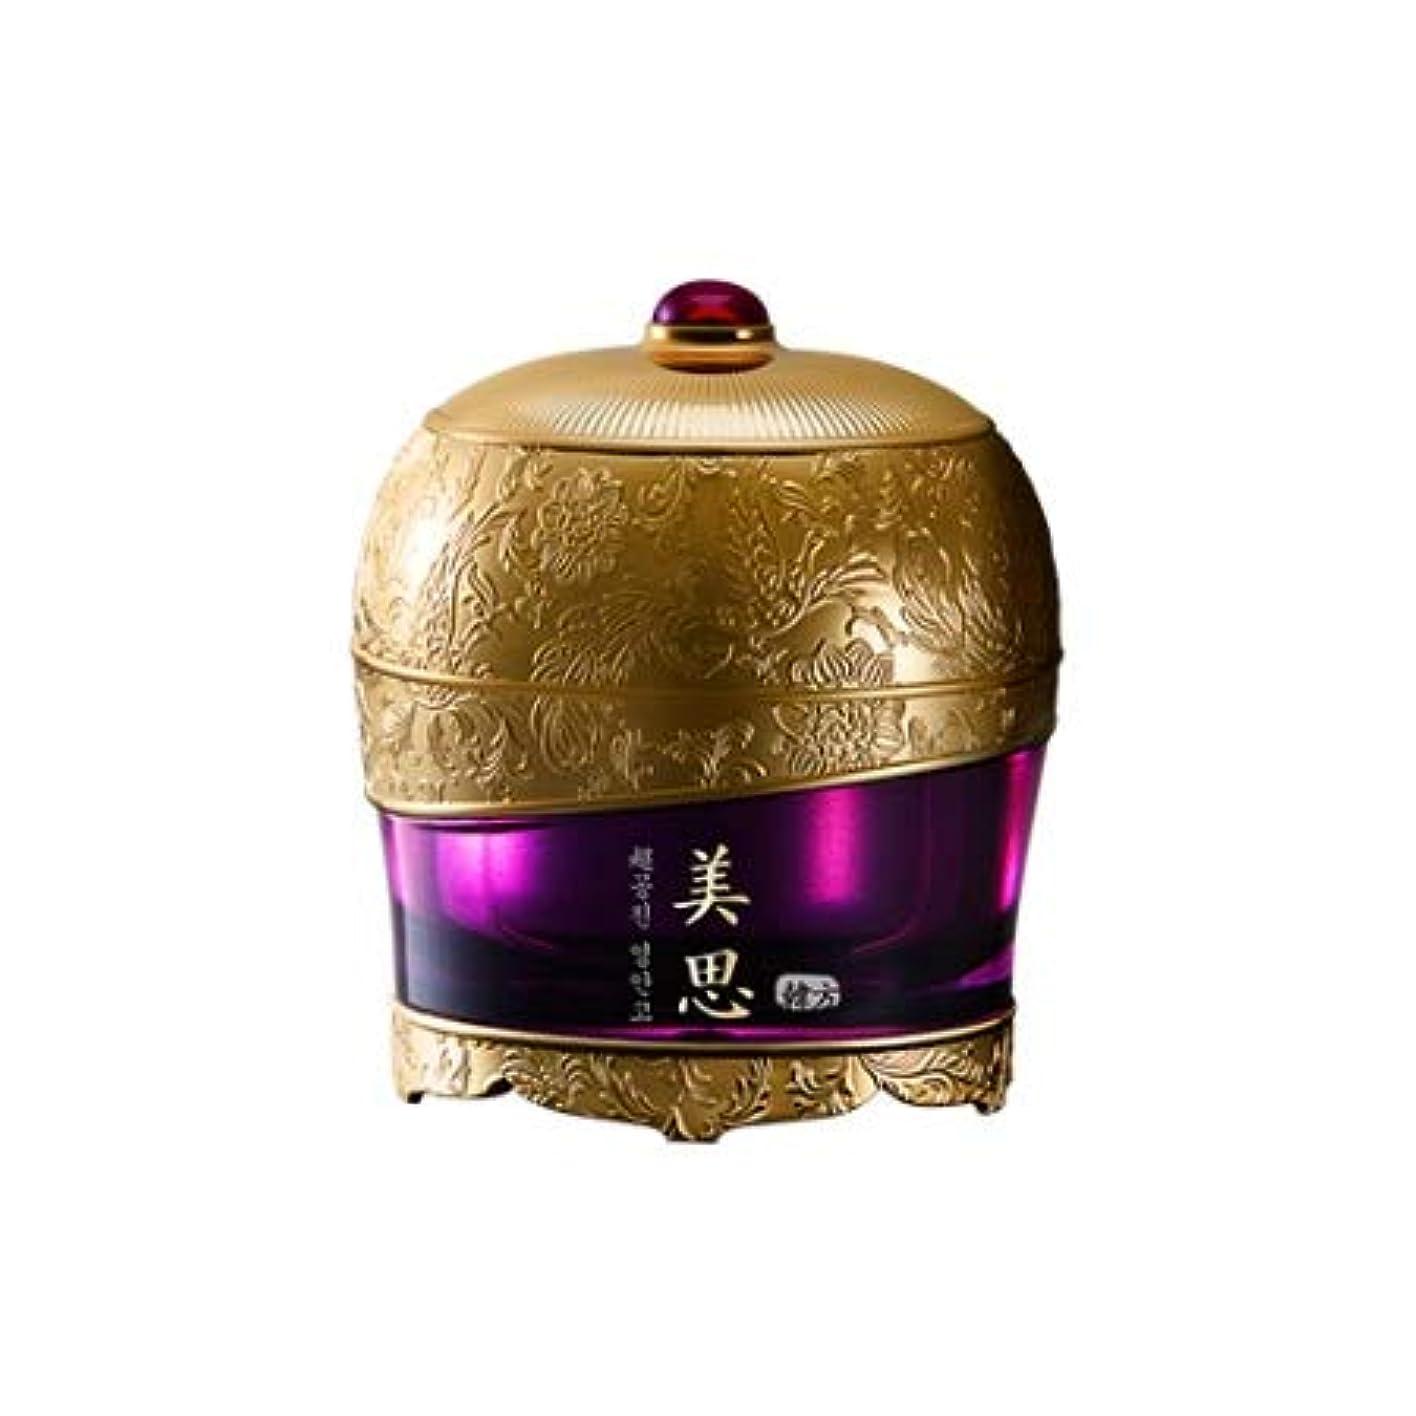 今晩十分ではない遅いMISSHA Chogongjin Premium cream ミシャ美思超拱辰(チョゴンジン) 永安膏 クリーム クリーム 60ml [並行輸入品]